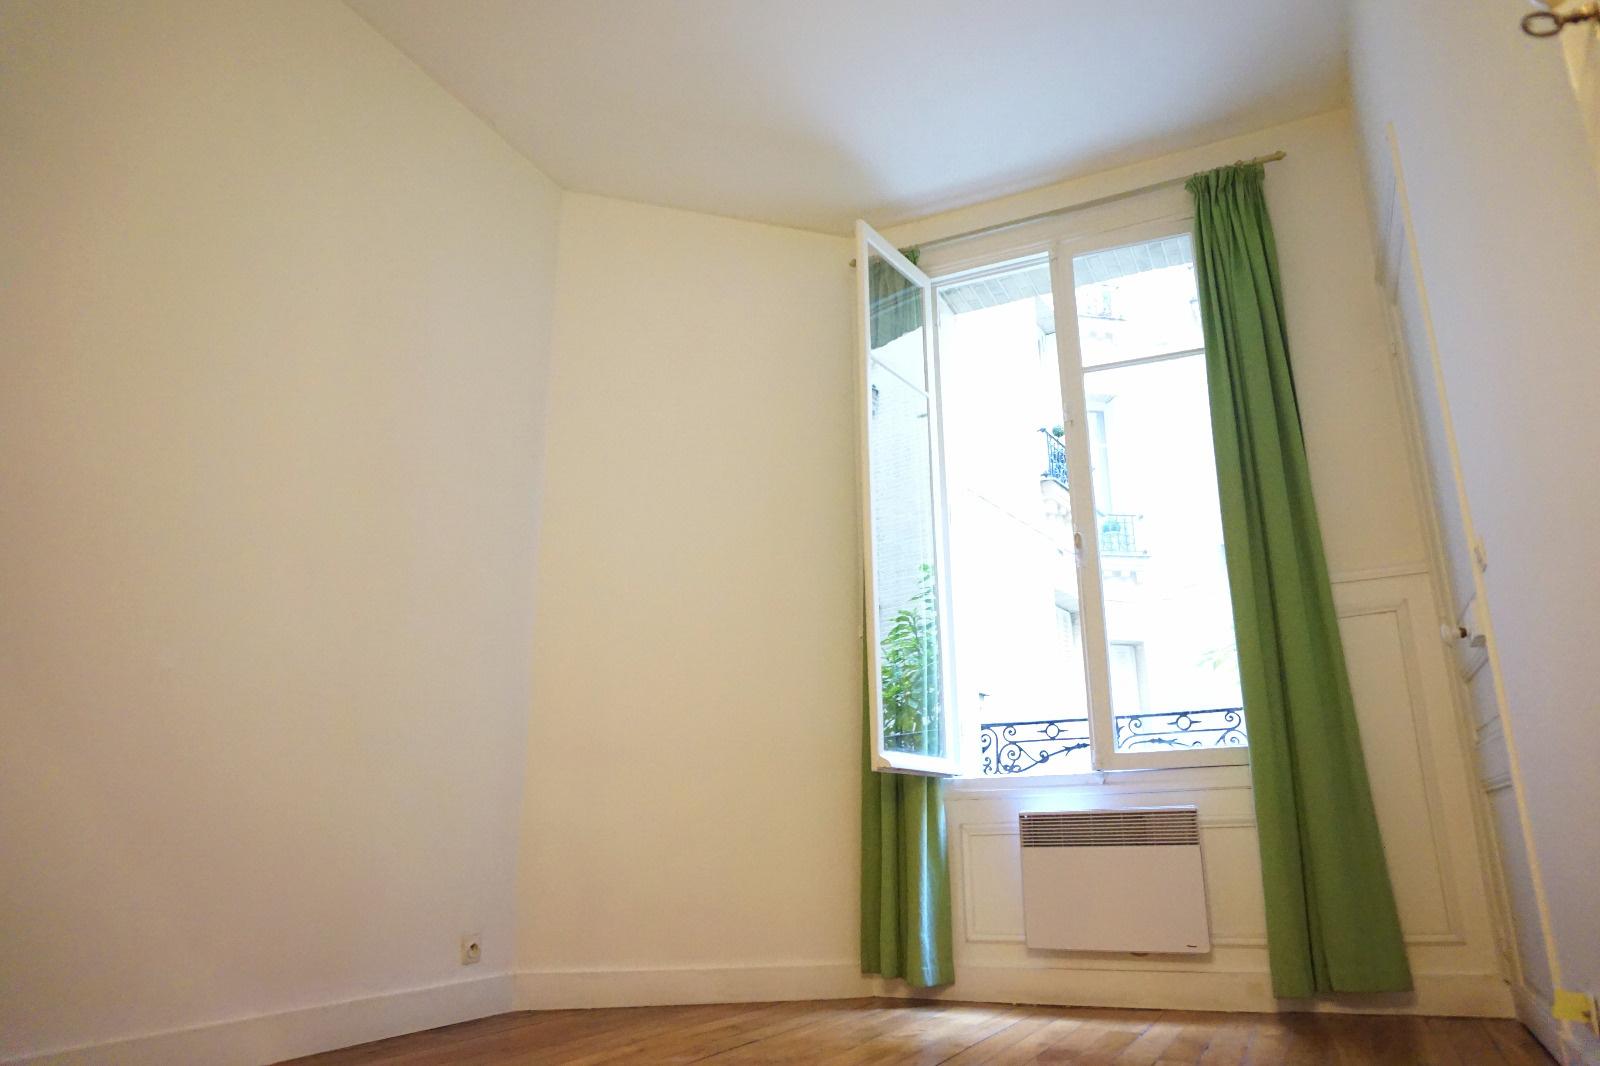 vente appartement de 56 m en rez de chauss e paris 16. Black Bedroom Furniture Sets. Home Design Ideas